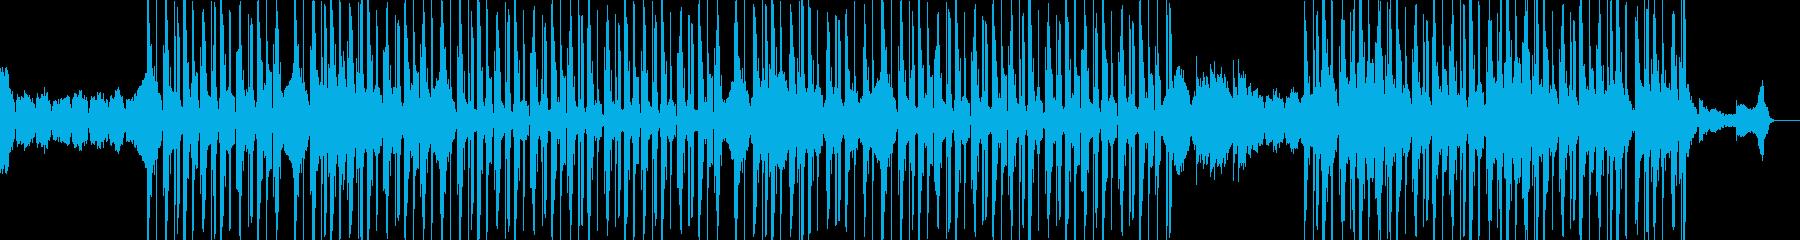 切ないメロディの寒空ヒップホップの再生済みの波形